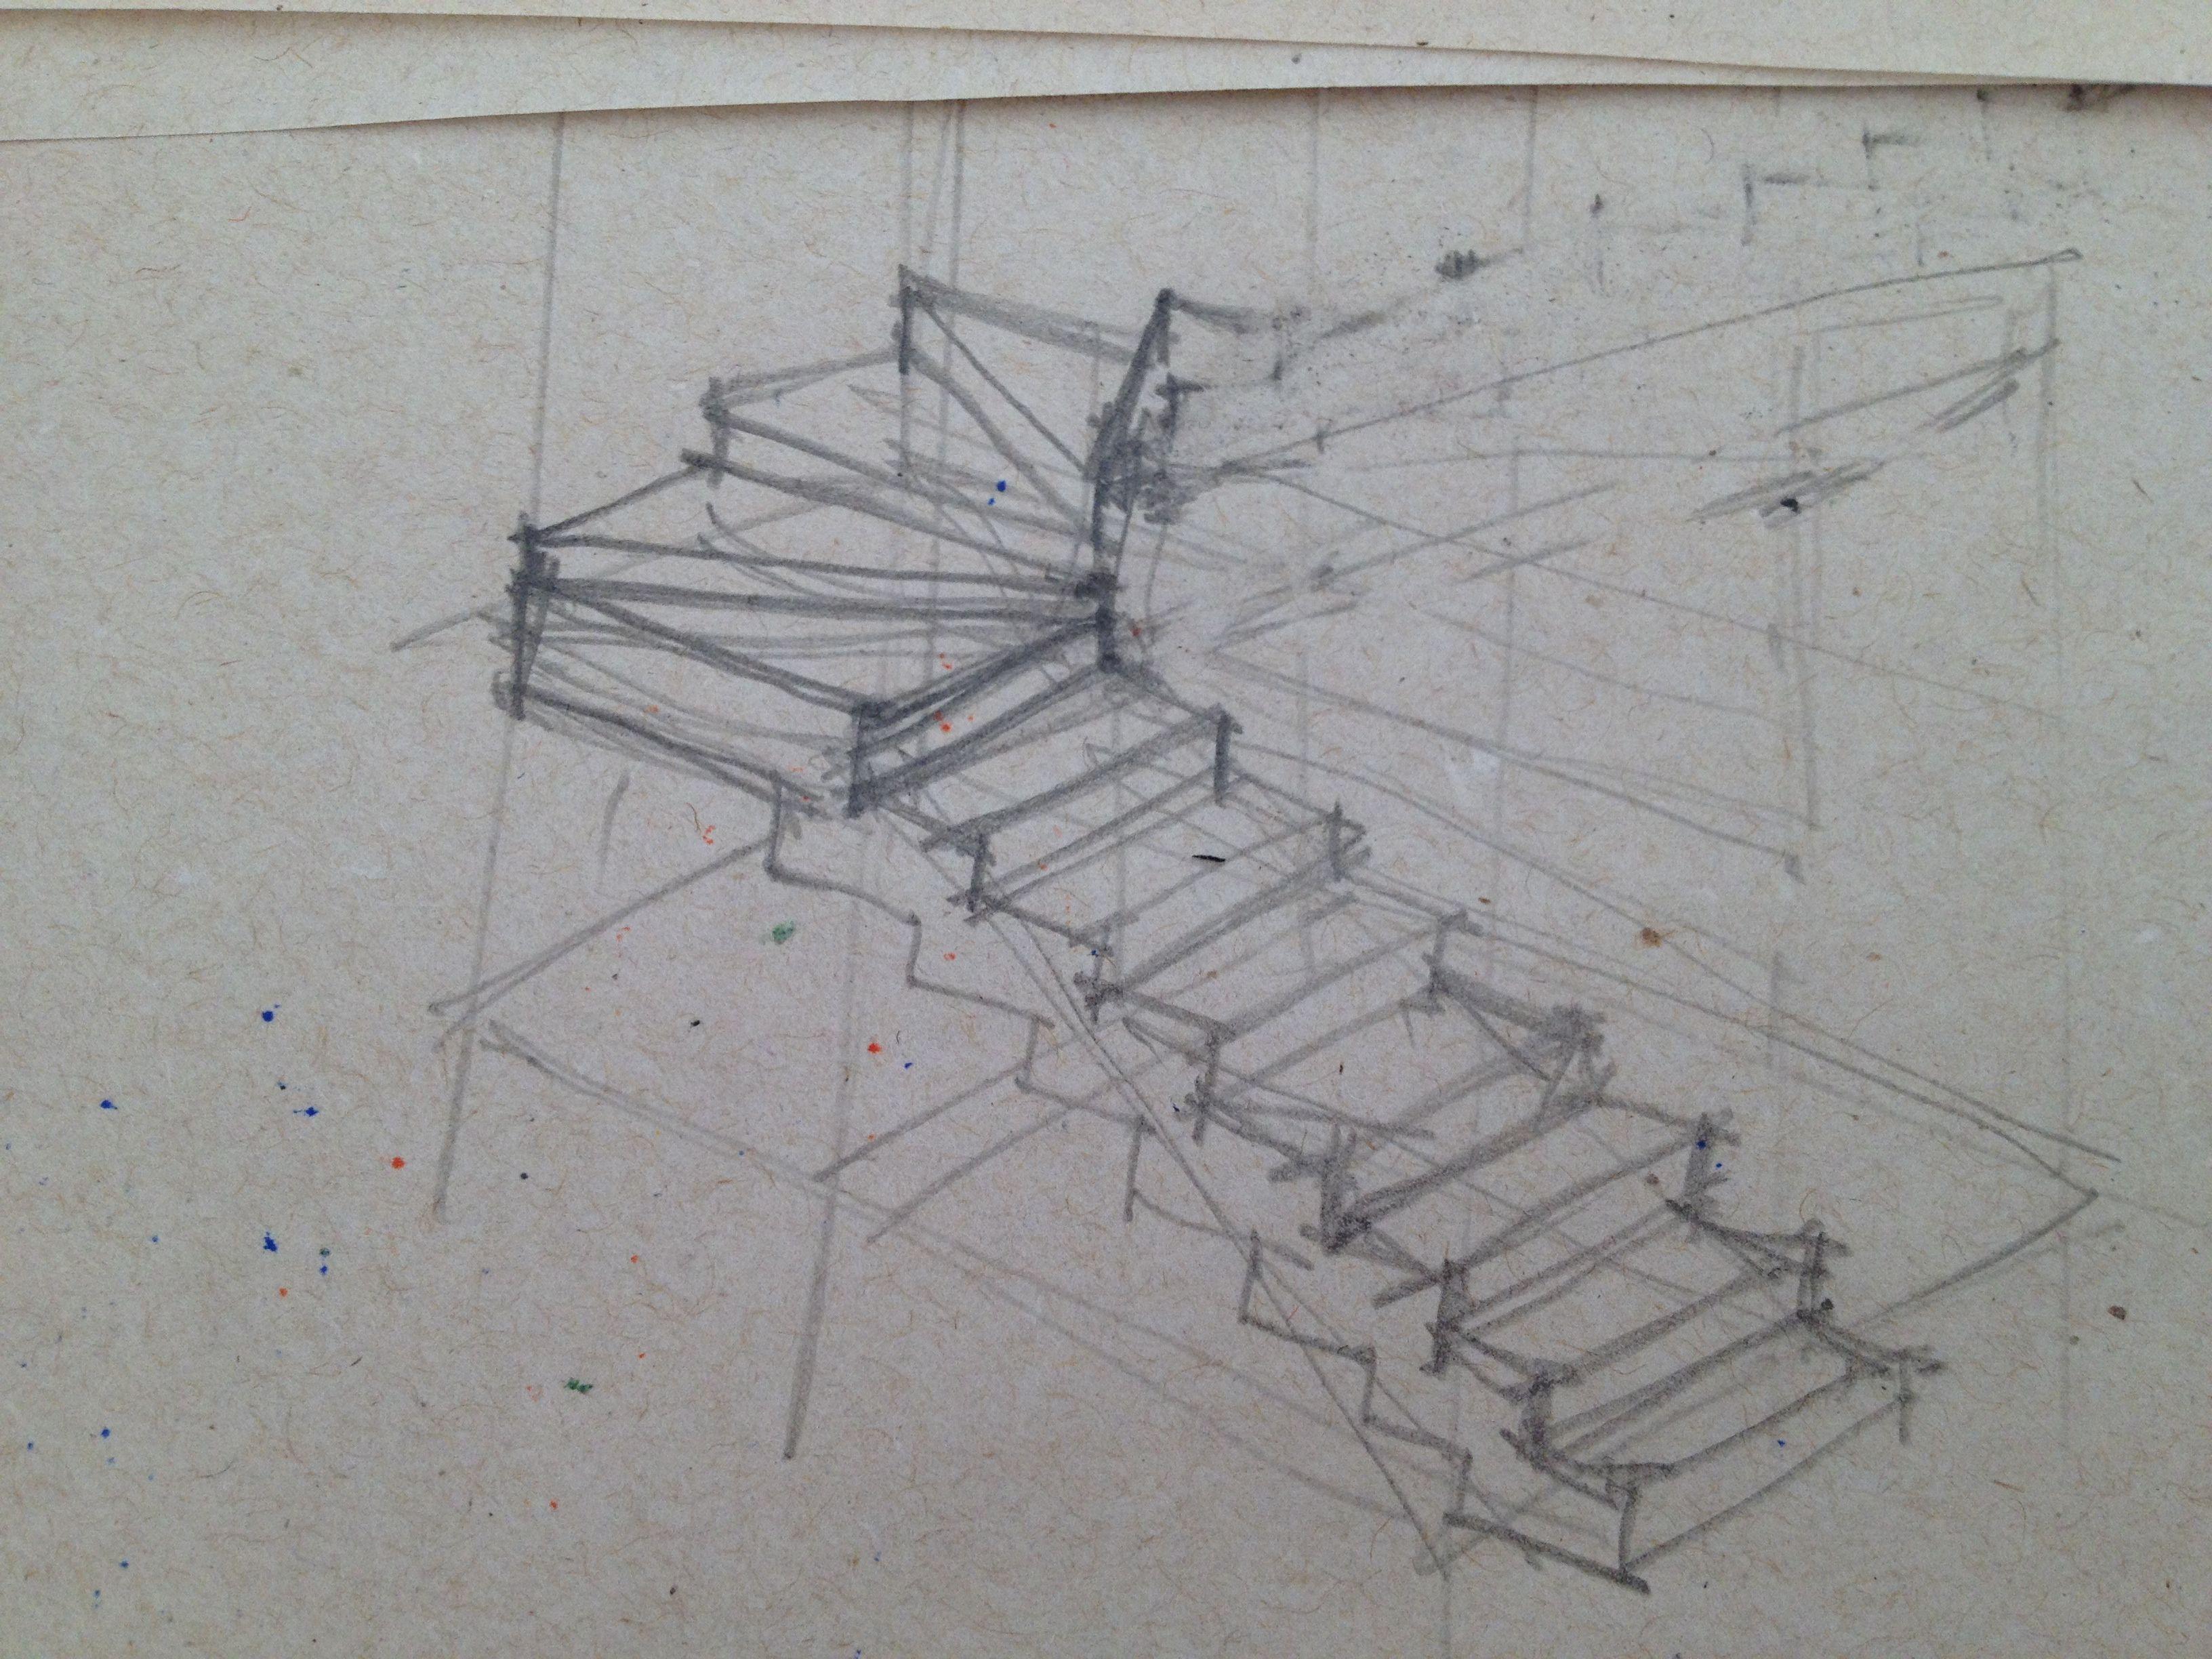 Escalera Manos Dibujo Dibujos A Mano Alzada Pinturas